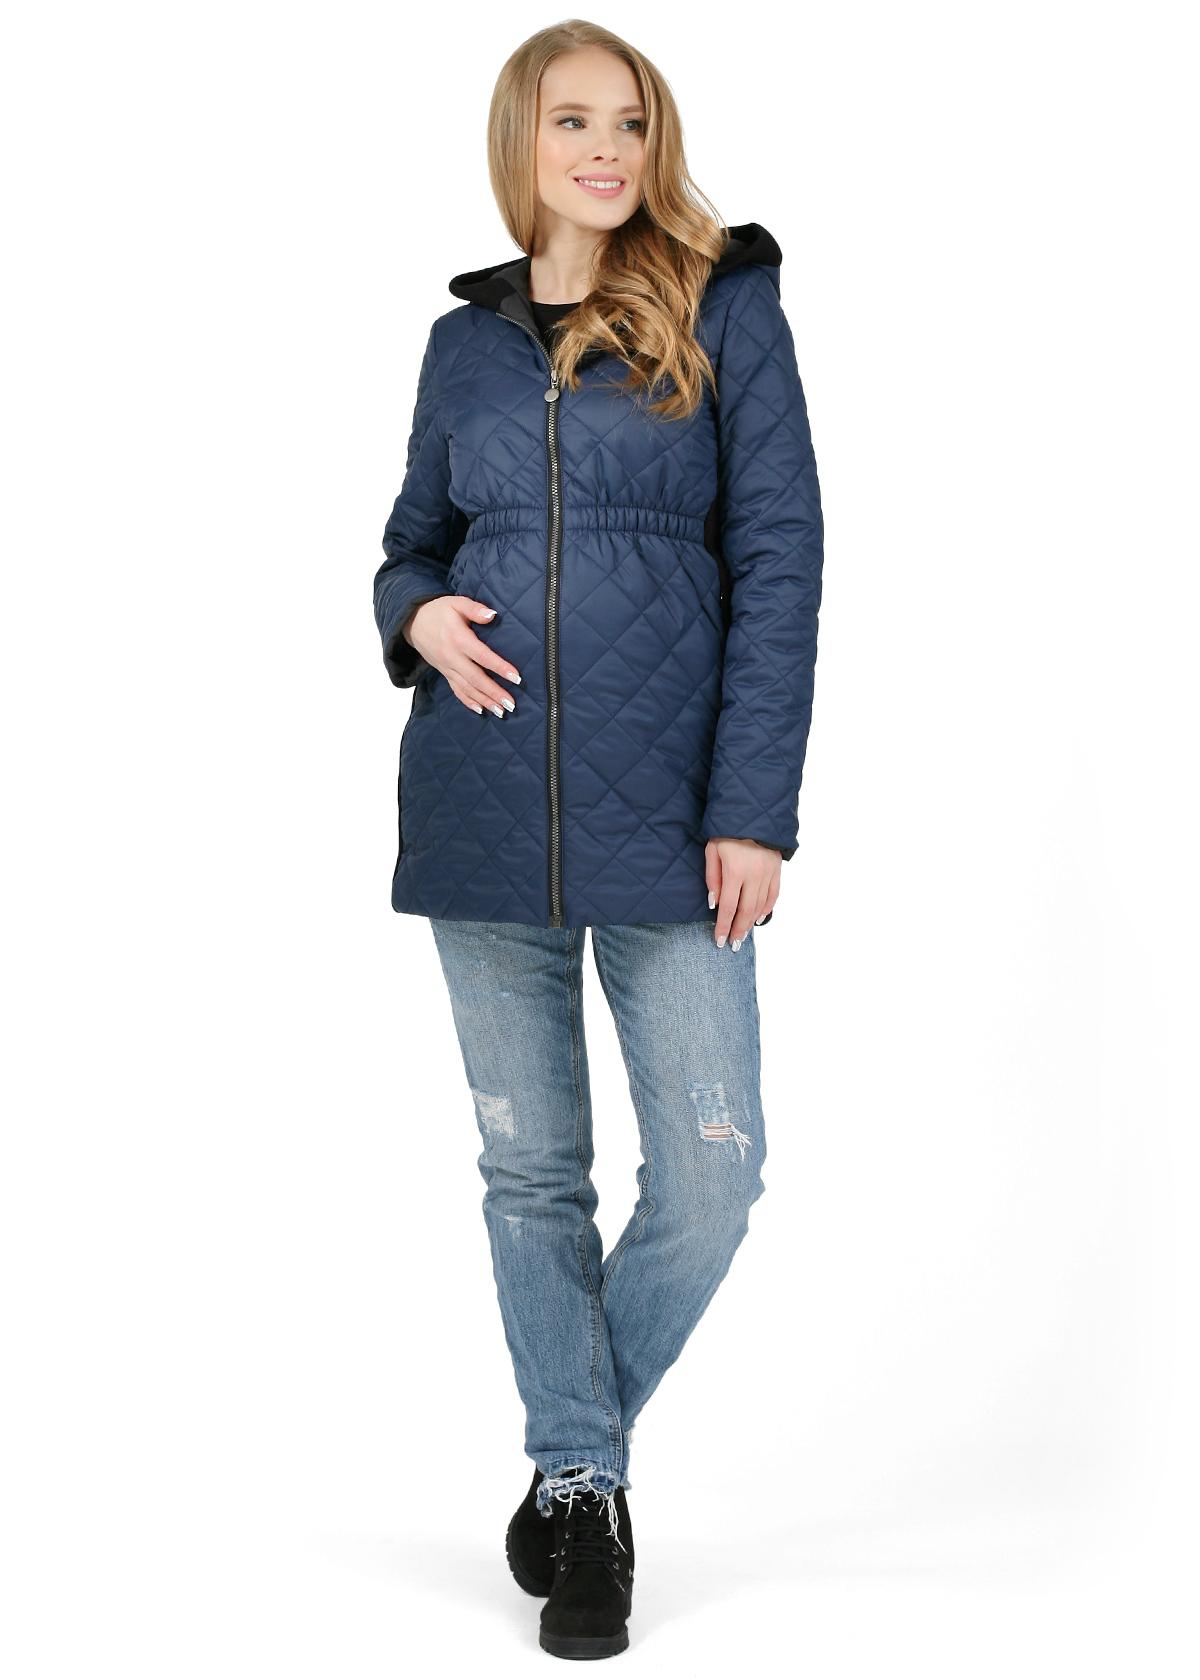 Куртки для беременных и молодых мам   Рязань   Магазин Матьрёшка 7c0c1c1b2f5